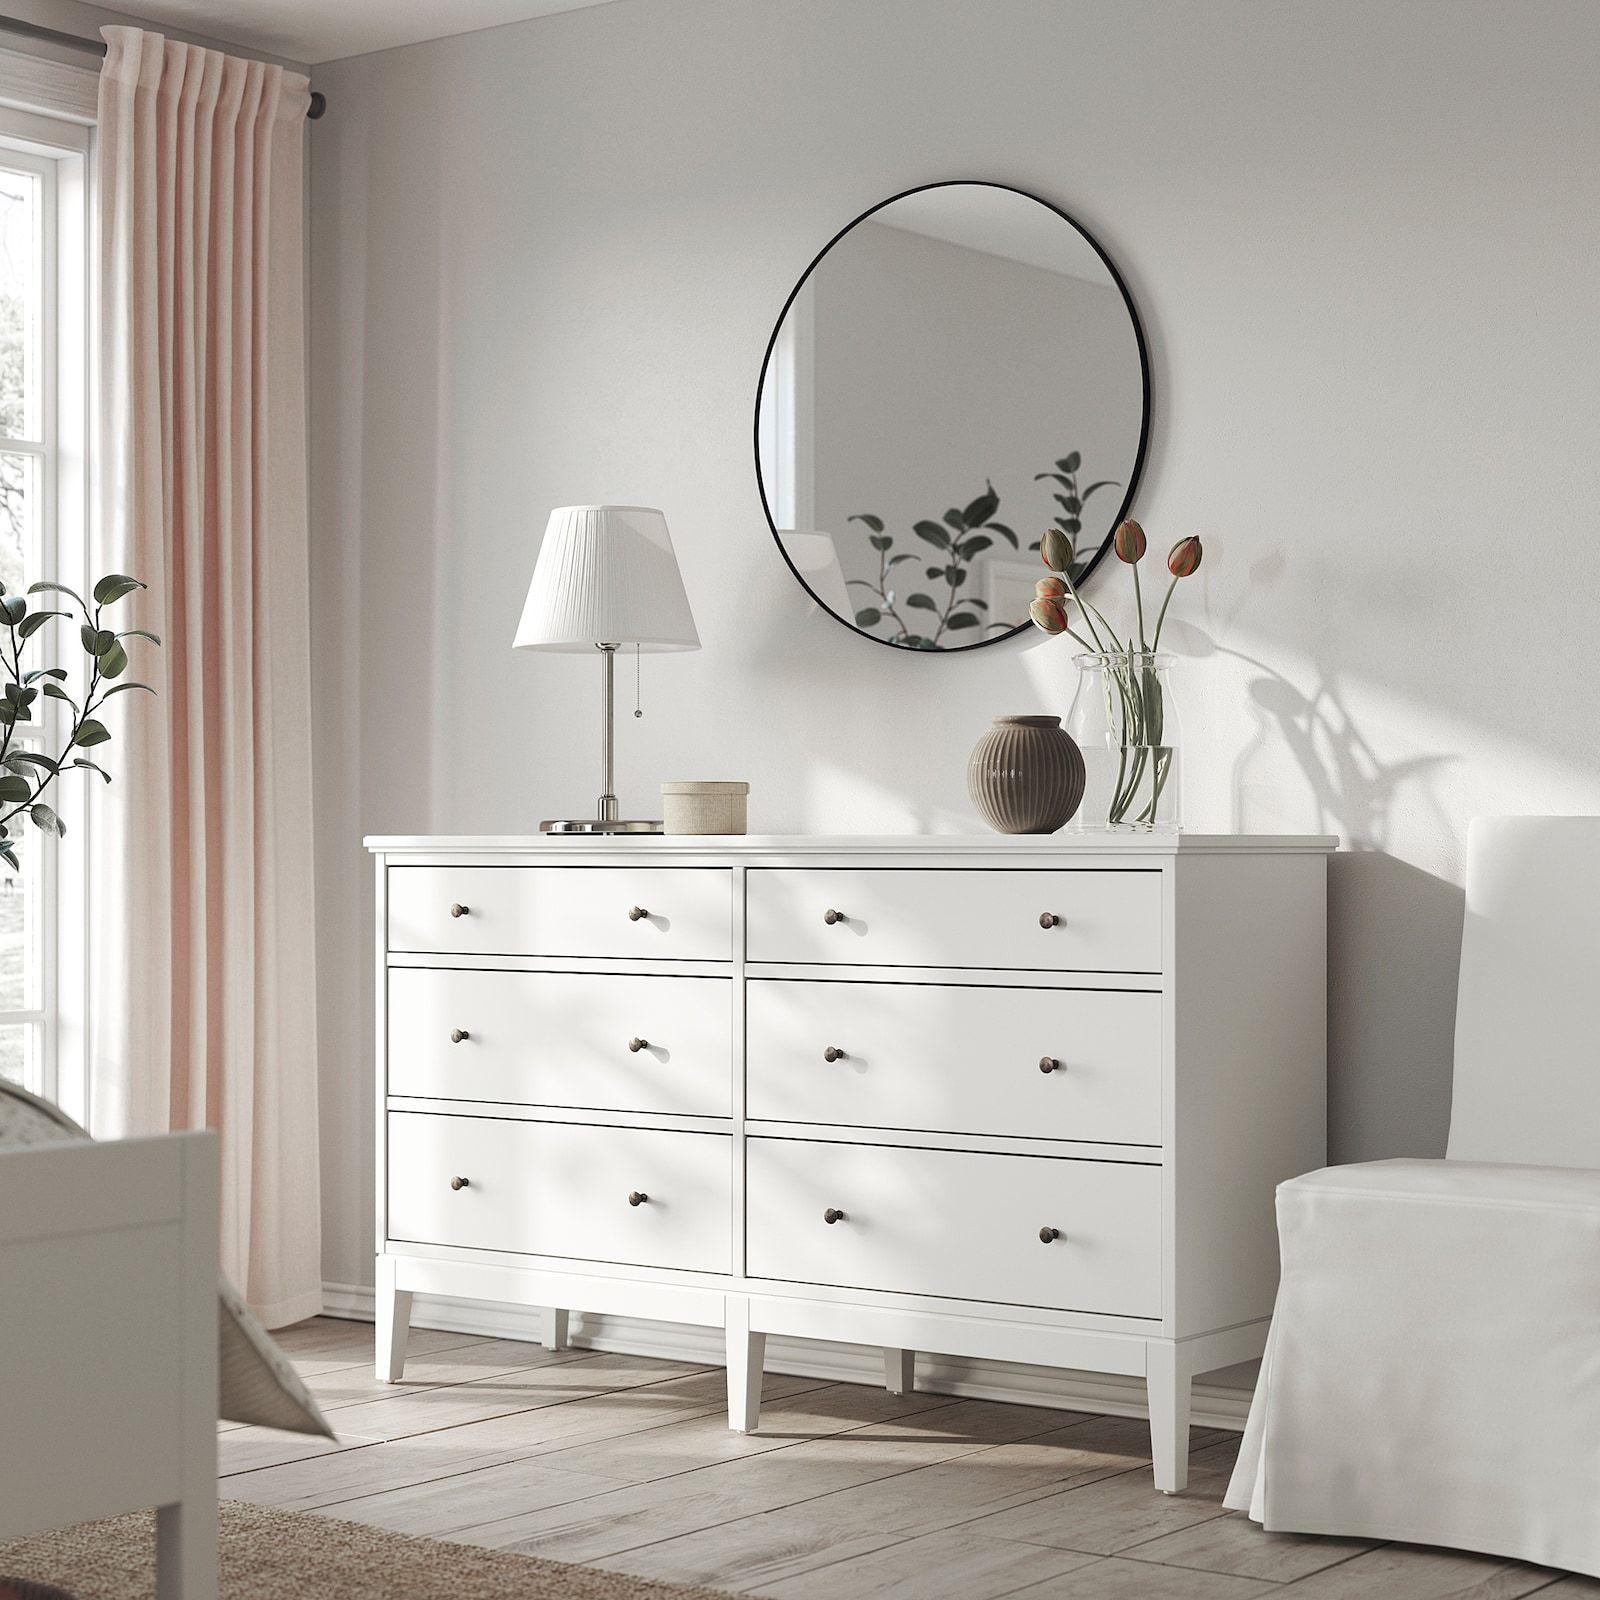 Idanas 6 Drawer Dresser White 633 4x373 8 Ikea In 2021 Dresser Drawers 6 Drawer Dresser Wide Chest Of Drawers [ 1600 x 1600 Pixel ]